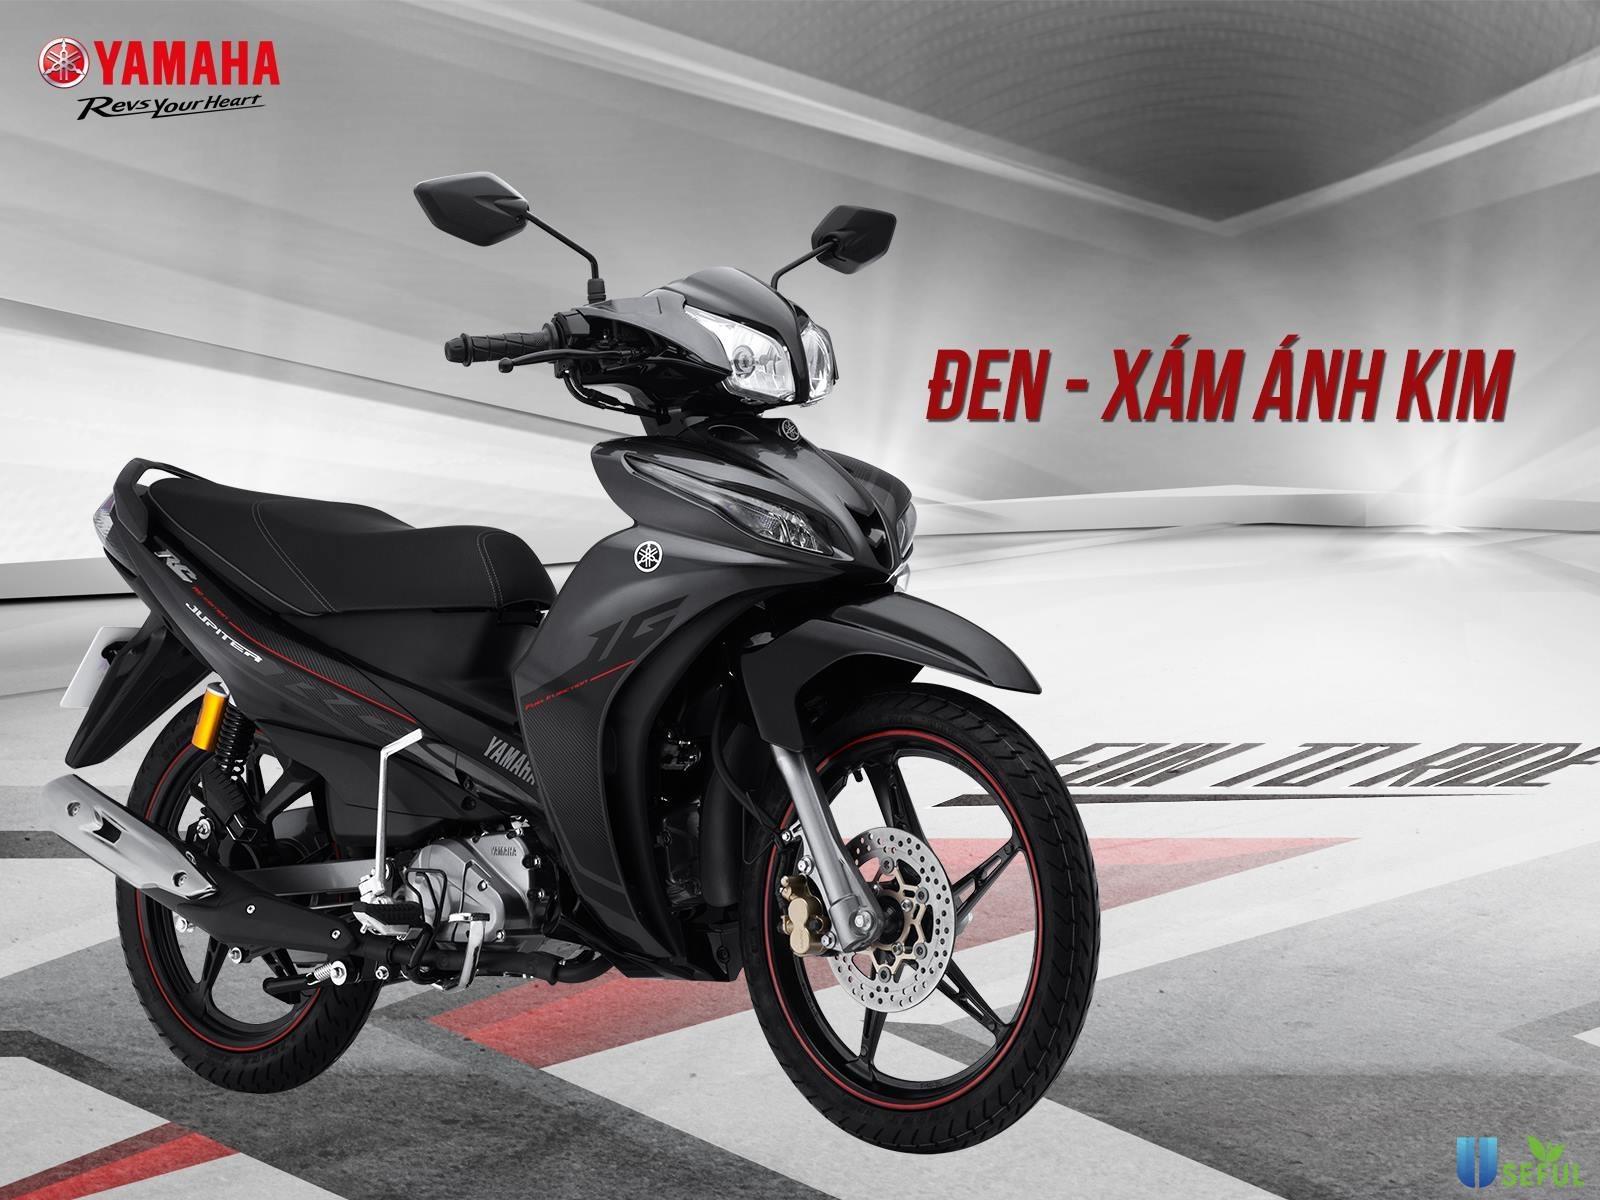 Yamaha Jupiter động cơ mạnh mẻ, tiết kiệm nhiên liệu